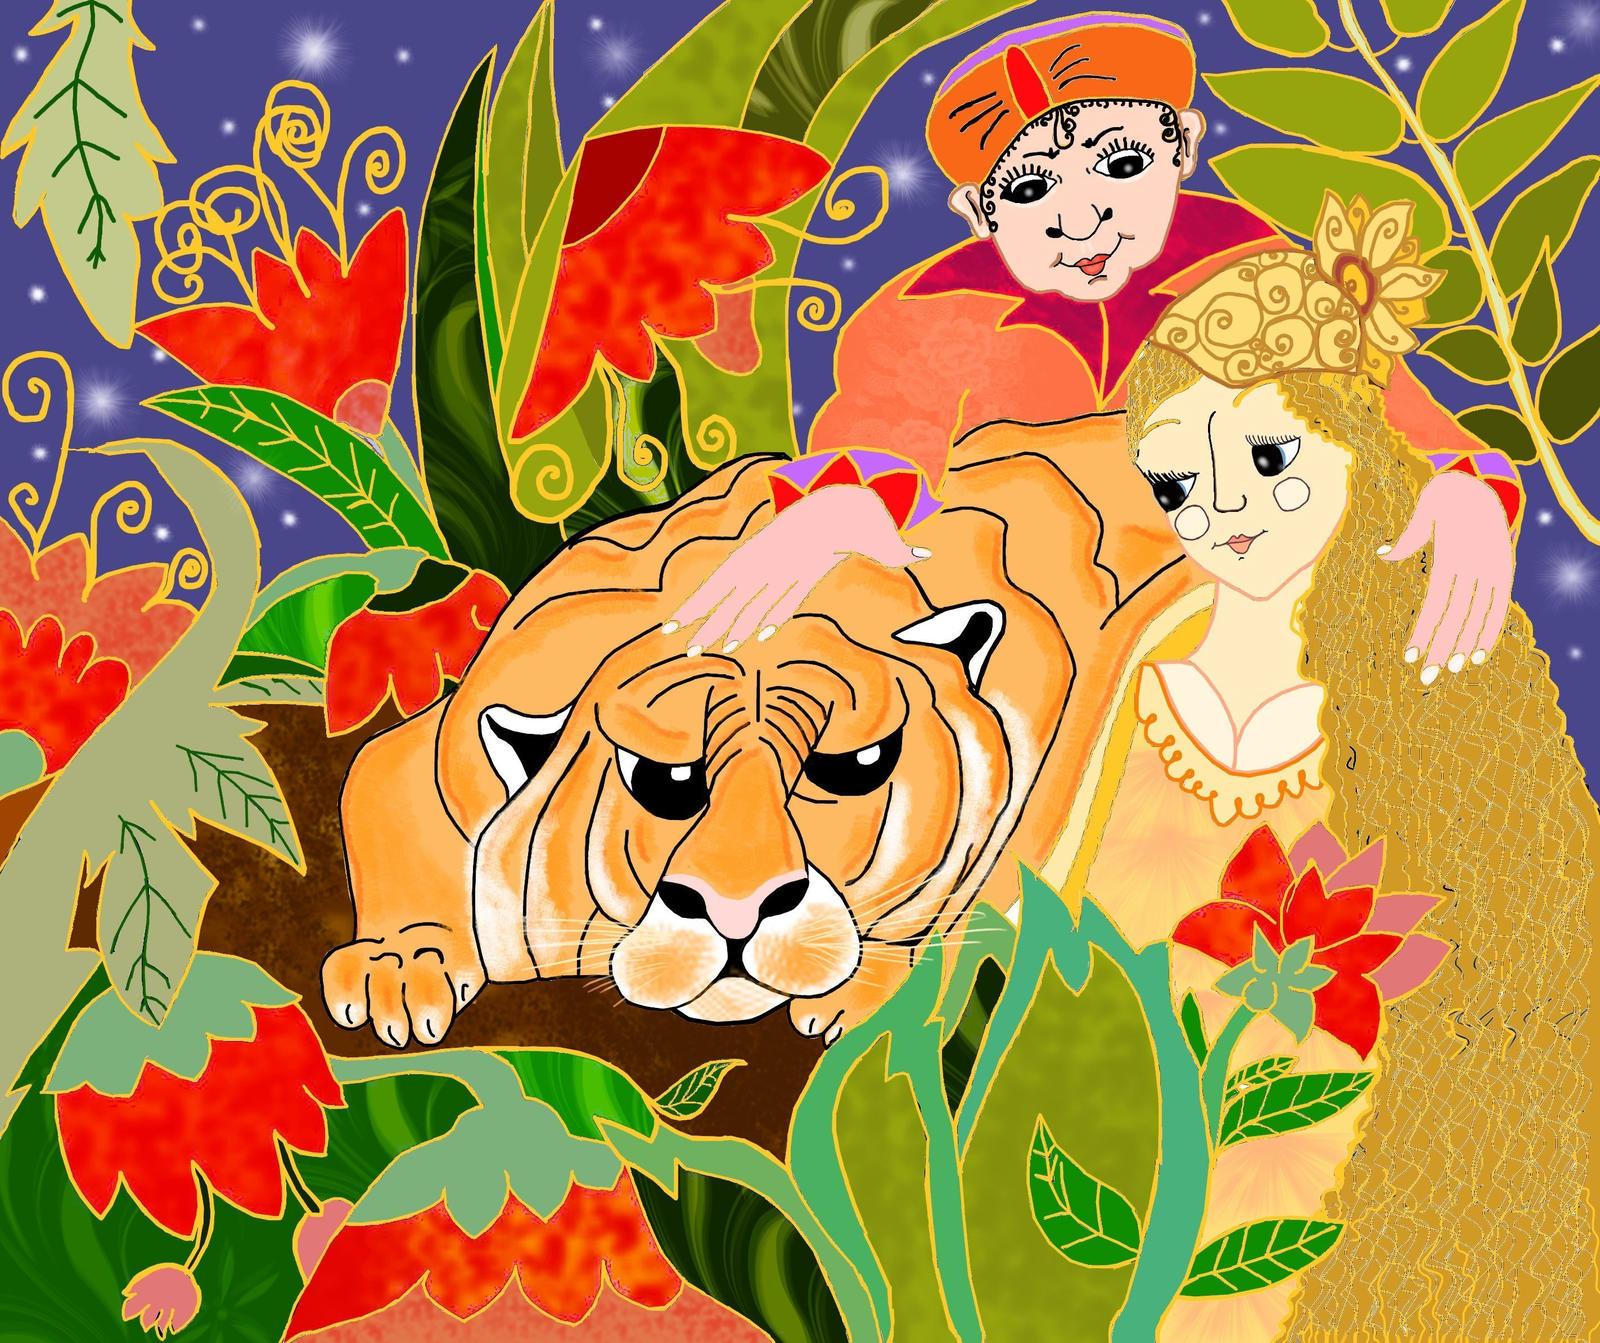 La legende du tigre Roudhi